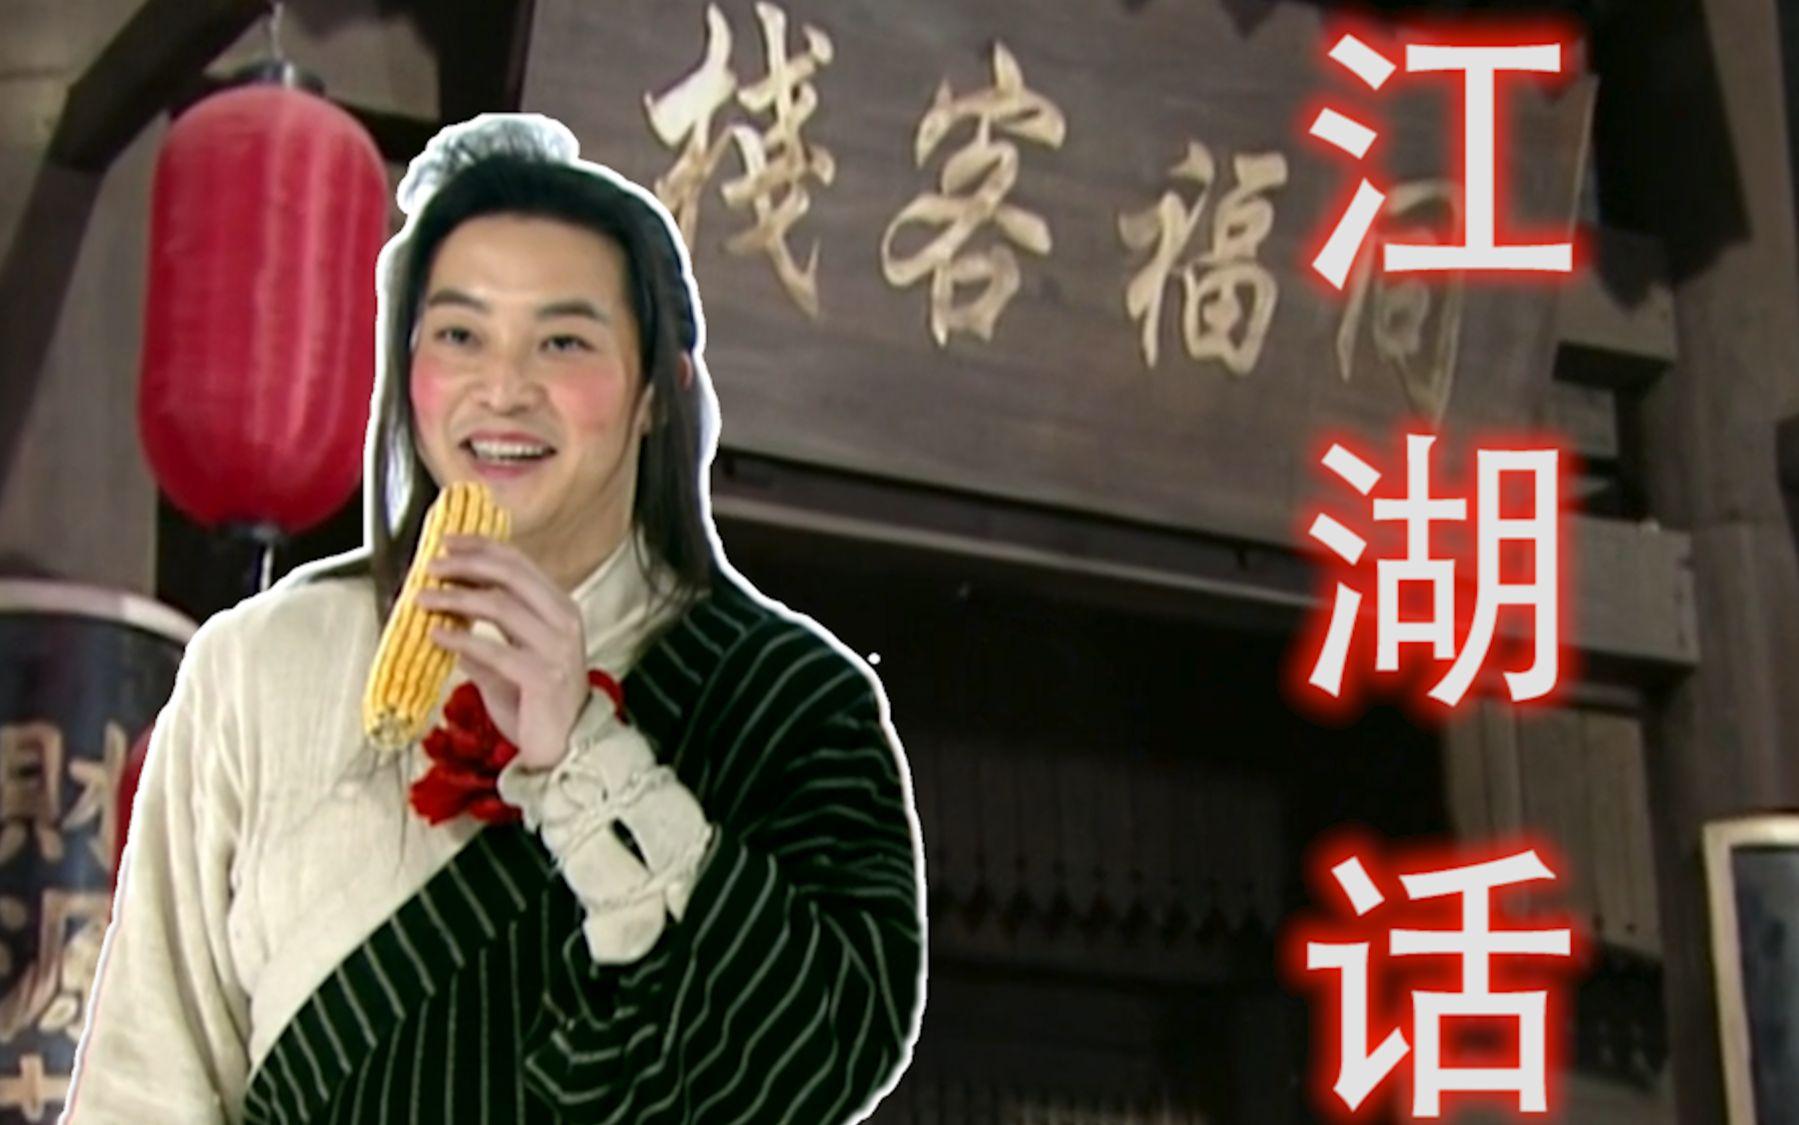 【武林外传】跟老白一起说江湖话